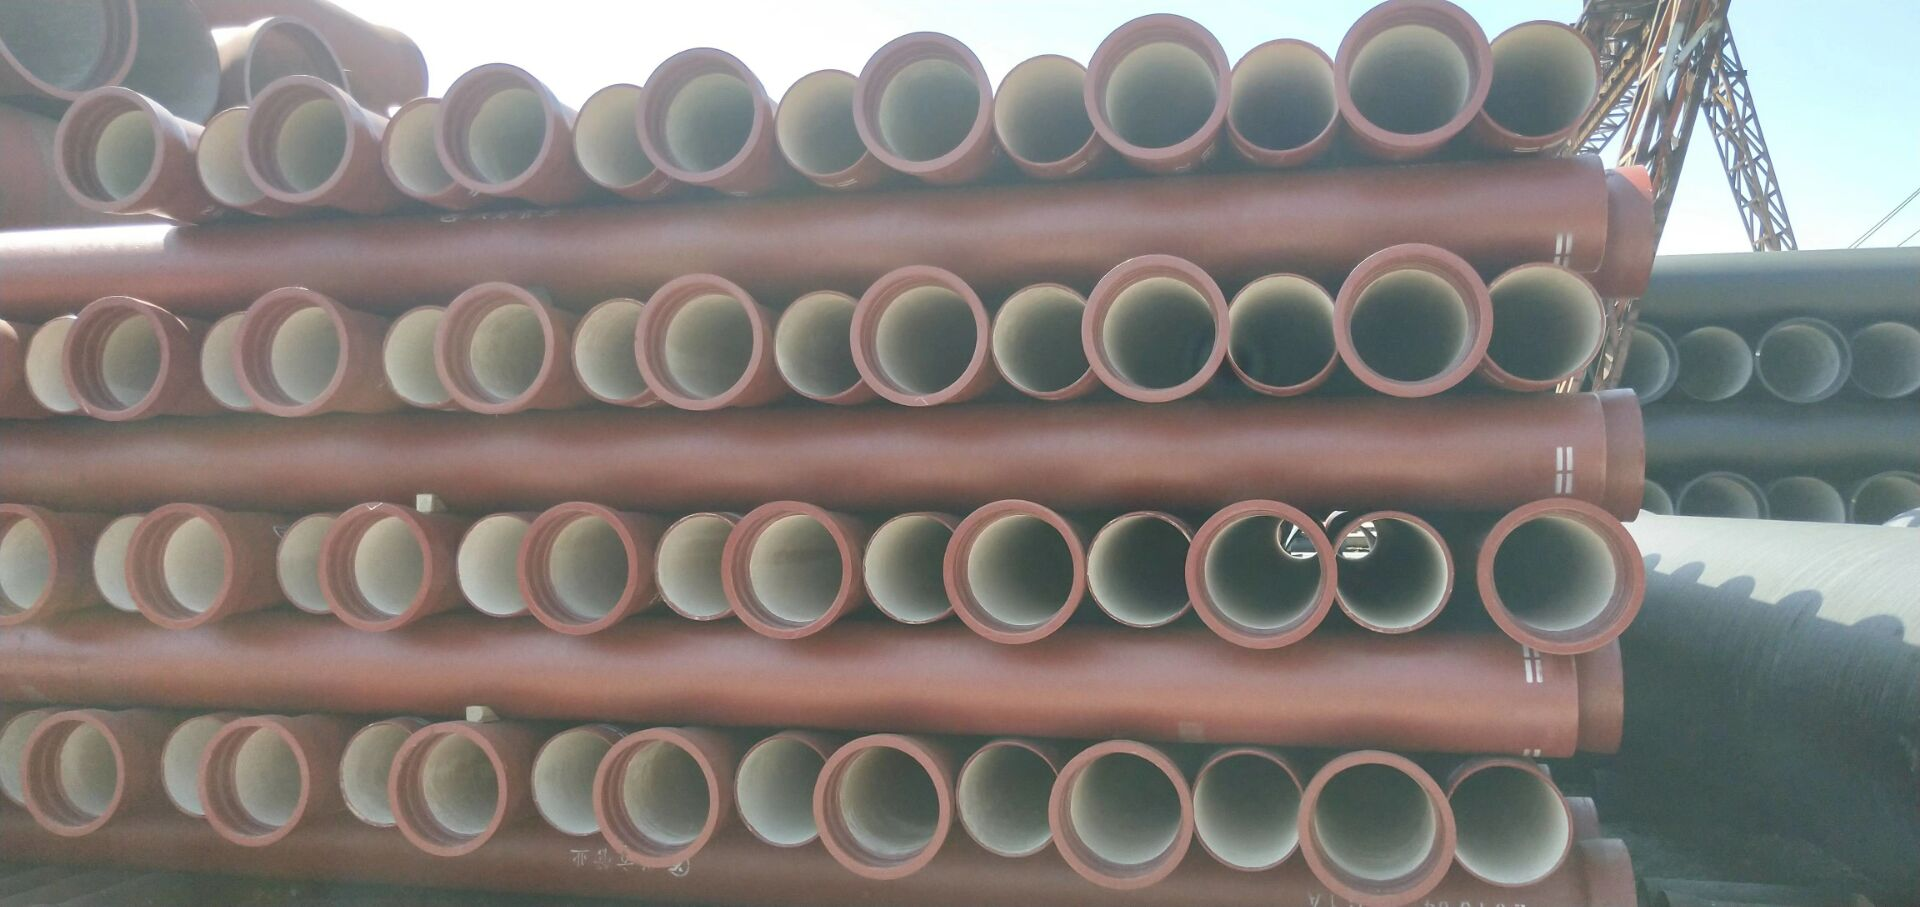 铁山1.0兆帕球墨铸铁管厂家直销_规格齐全